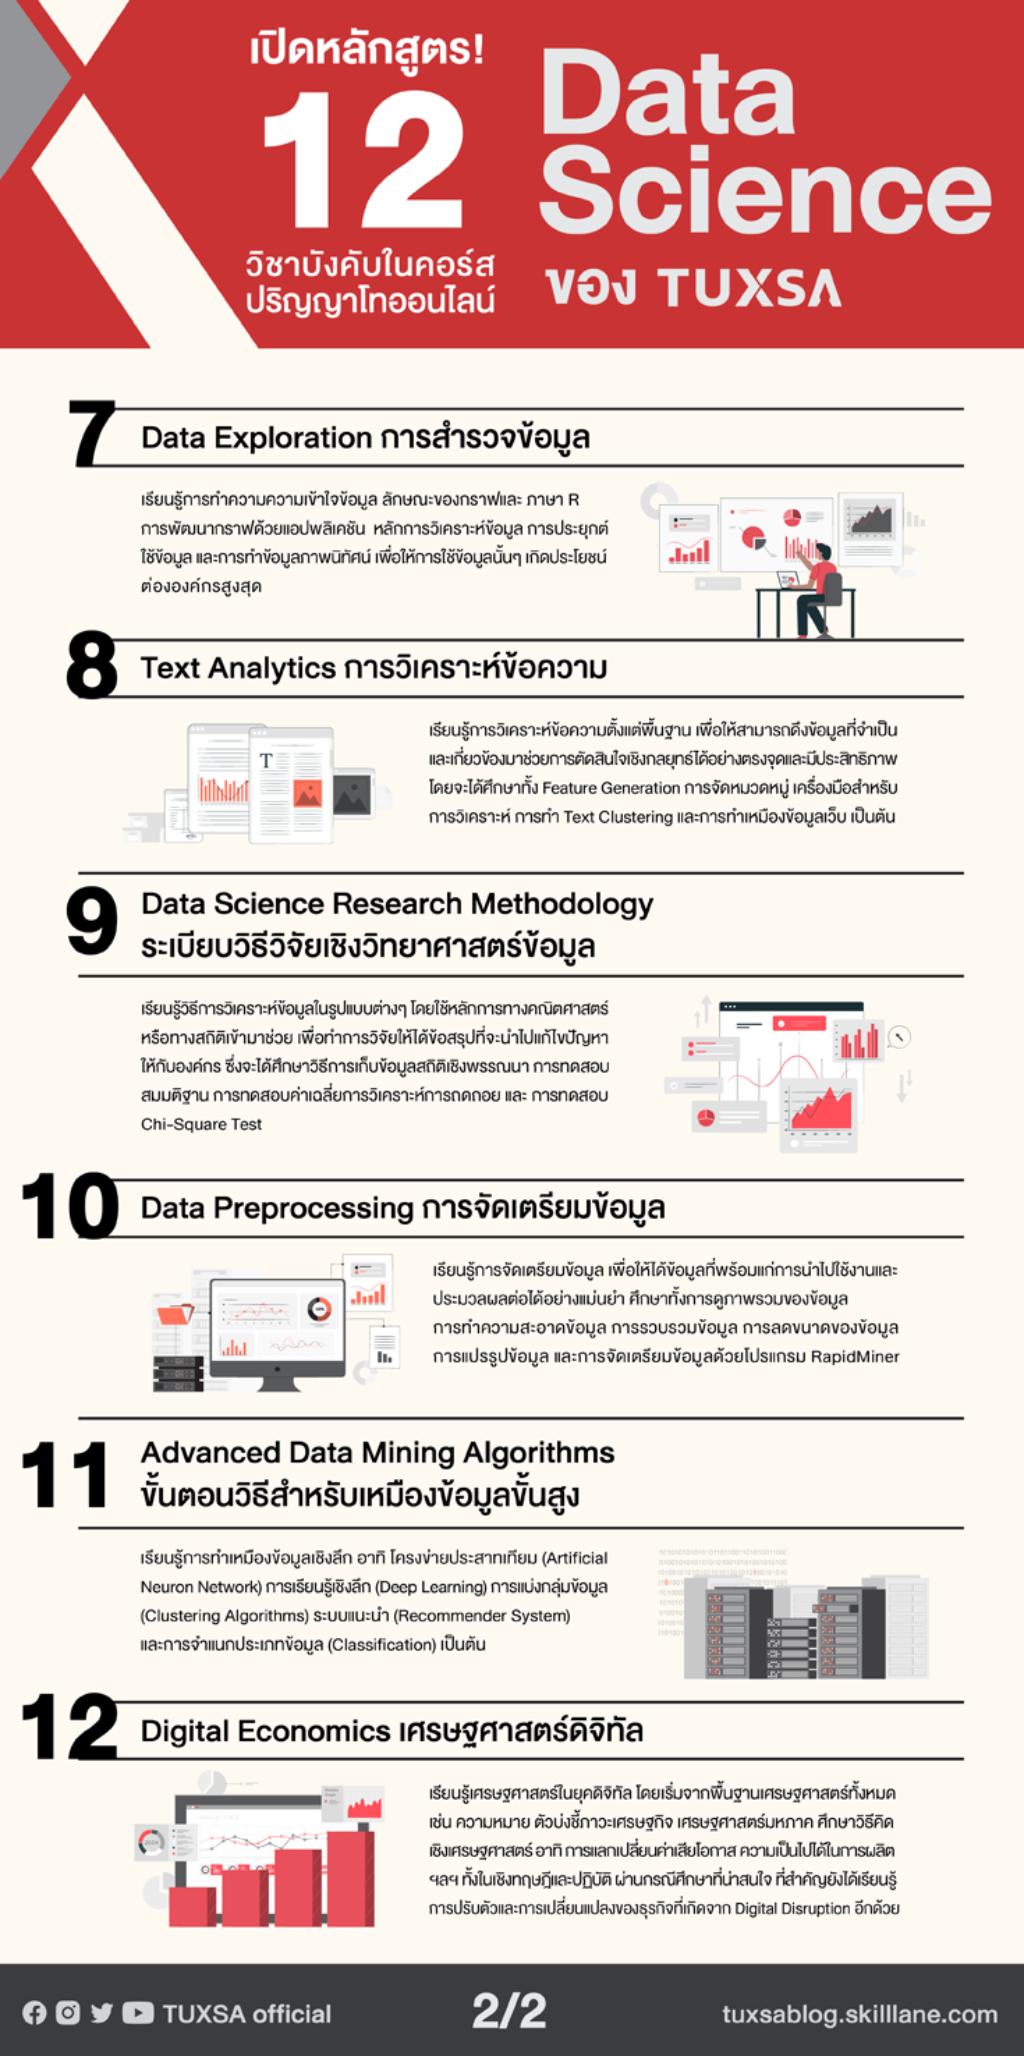 core-courses-in-tuxsa-data-science